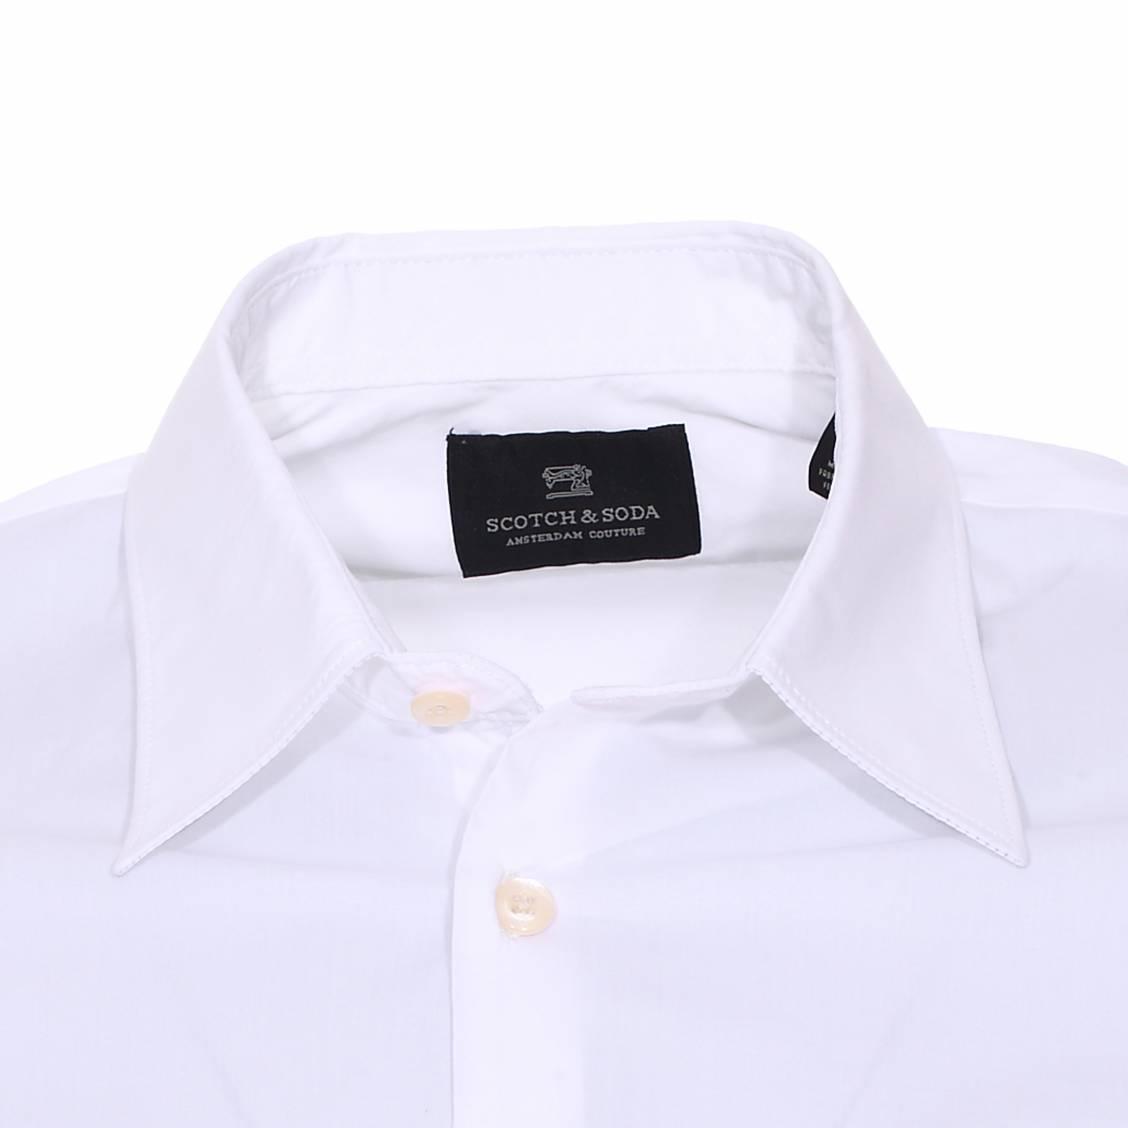 chemise scotch&soda en coton blanc